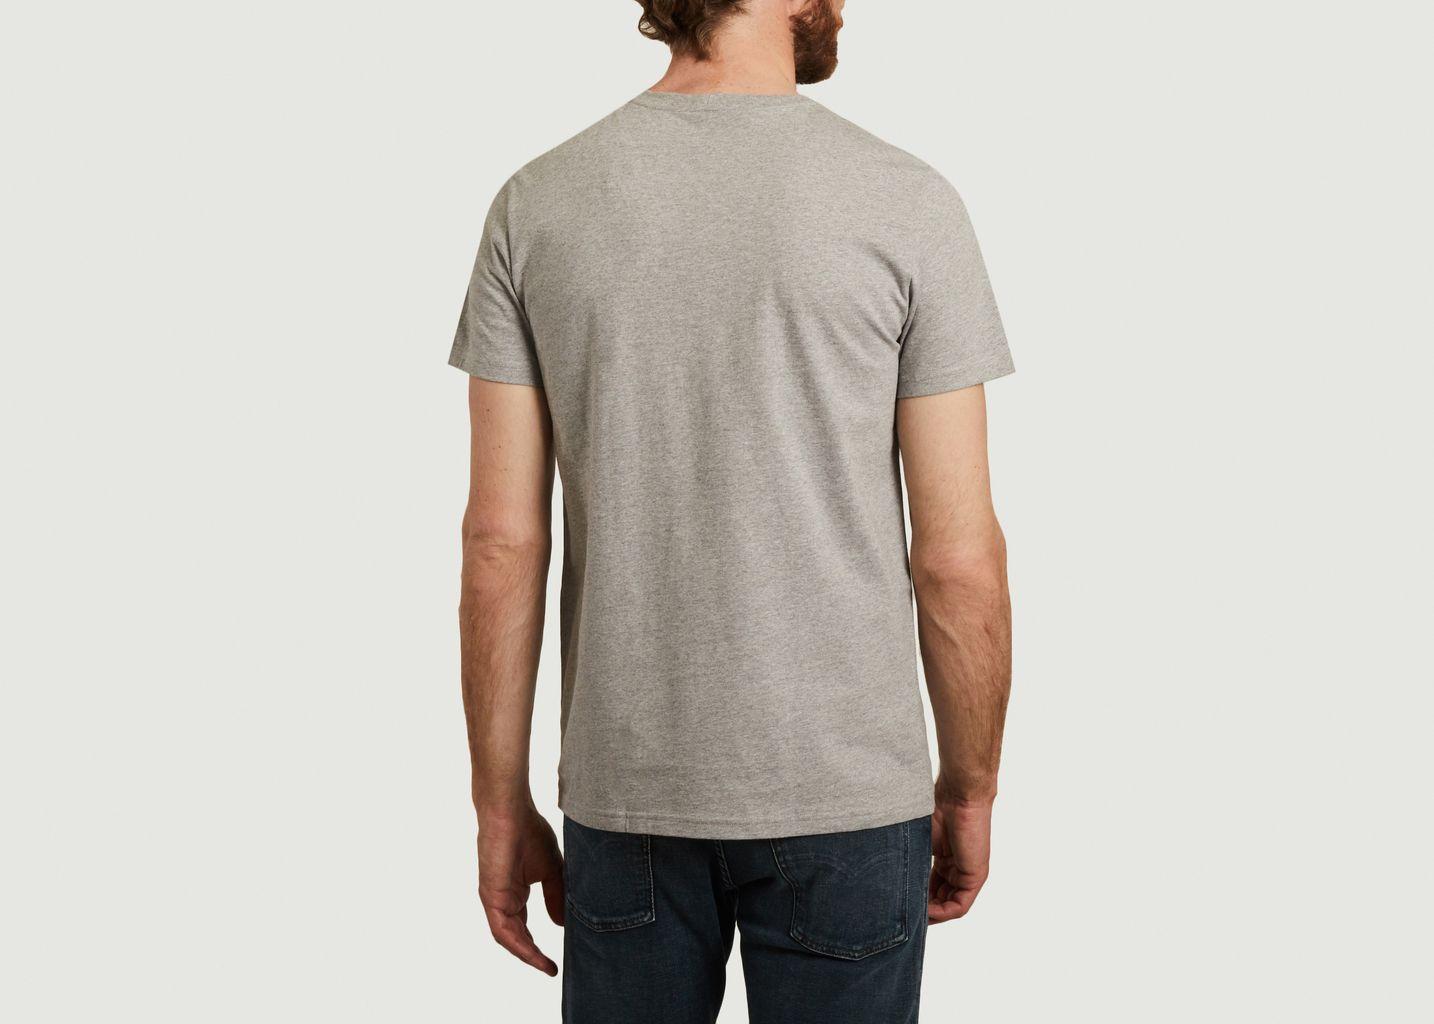 Organic T-shirt - Organic Basics